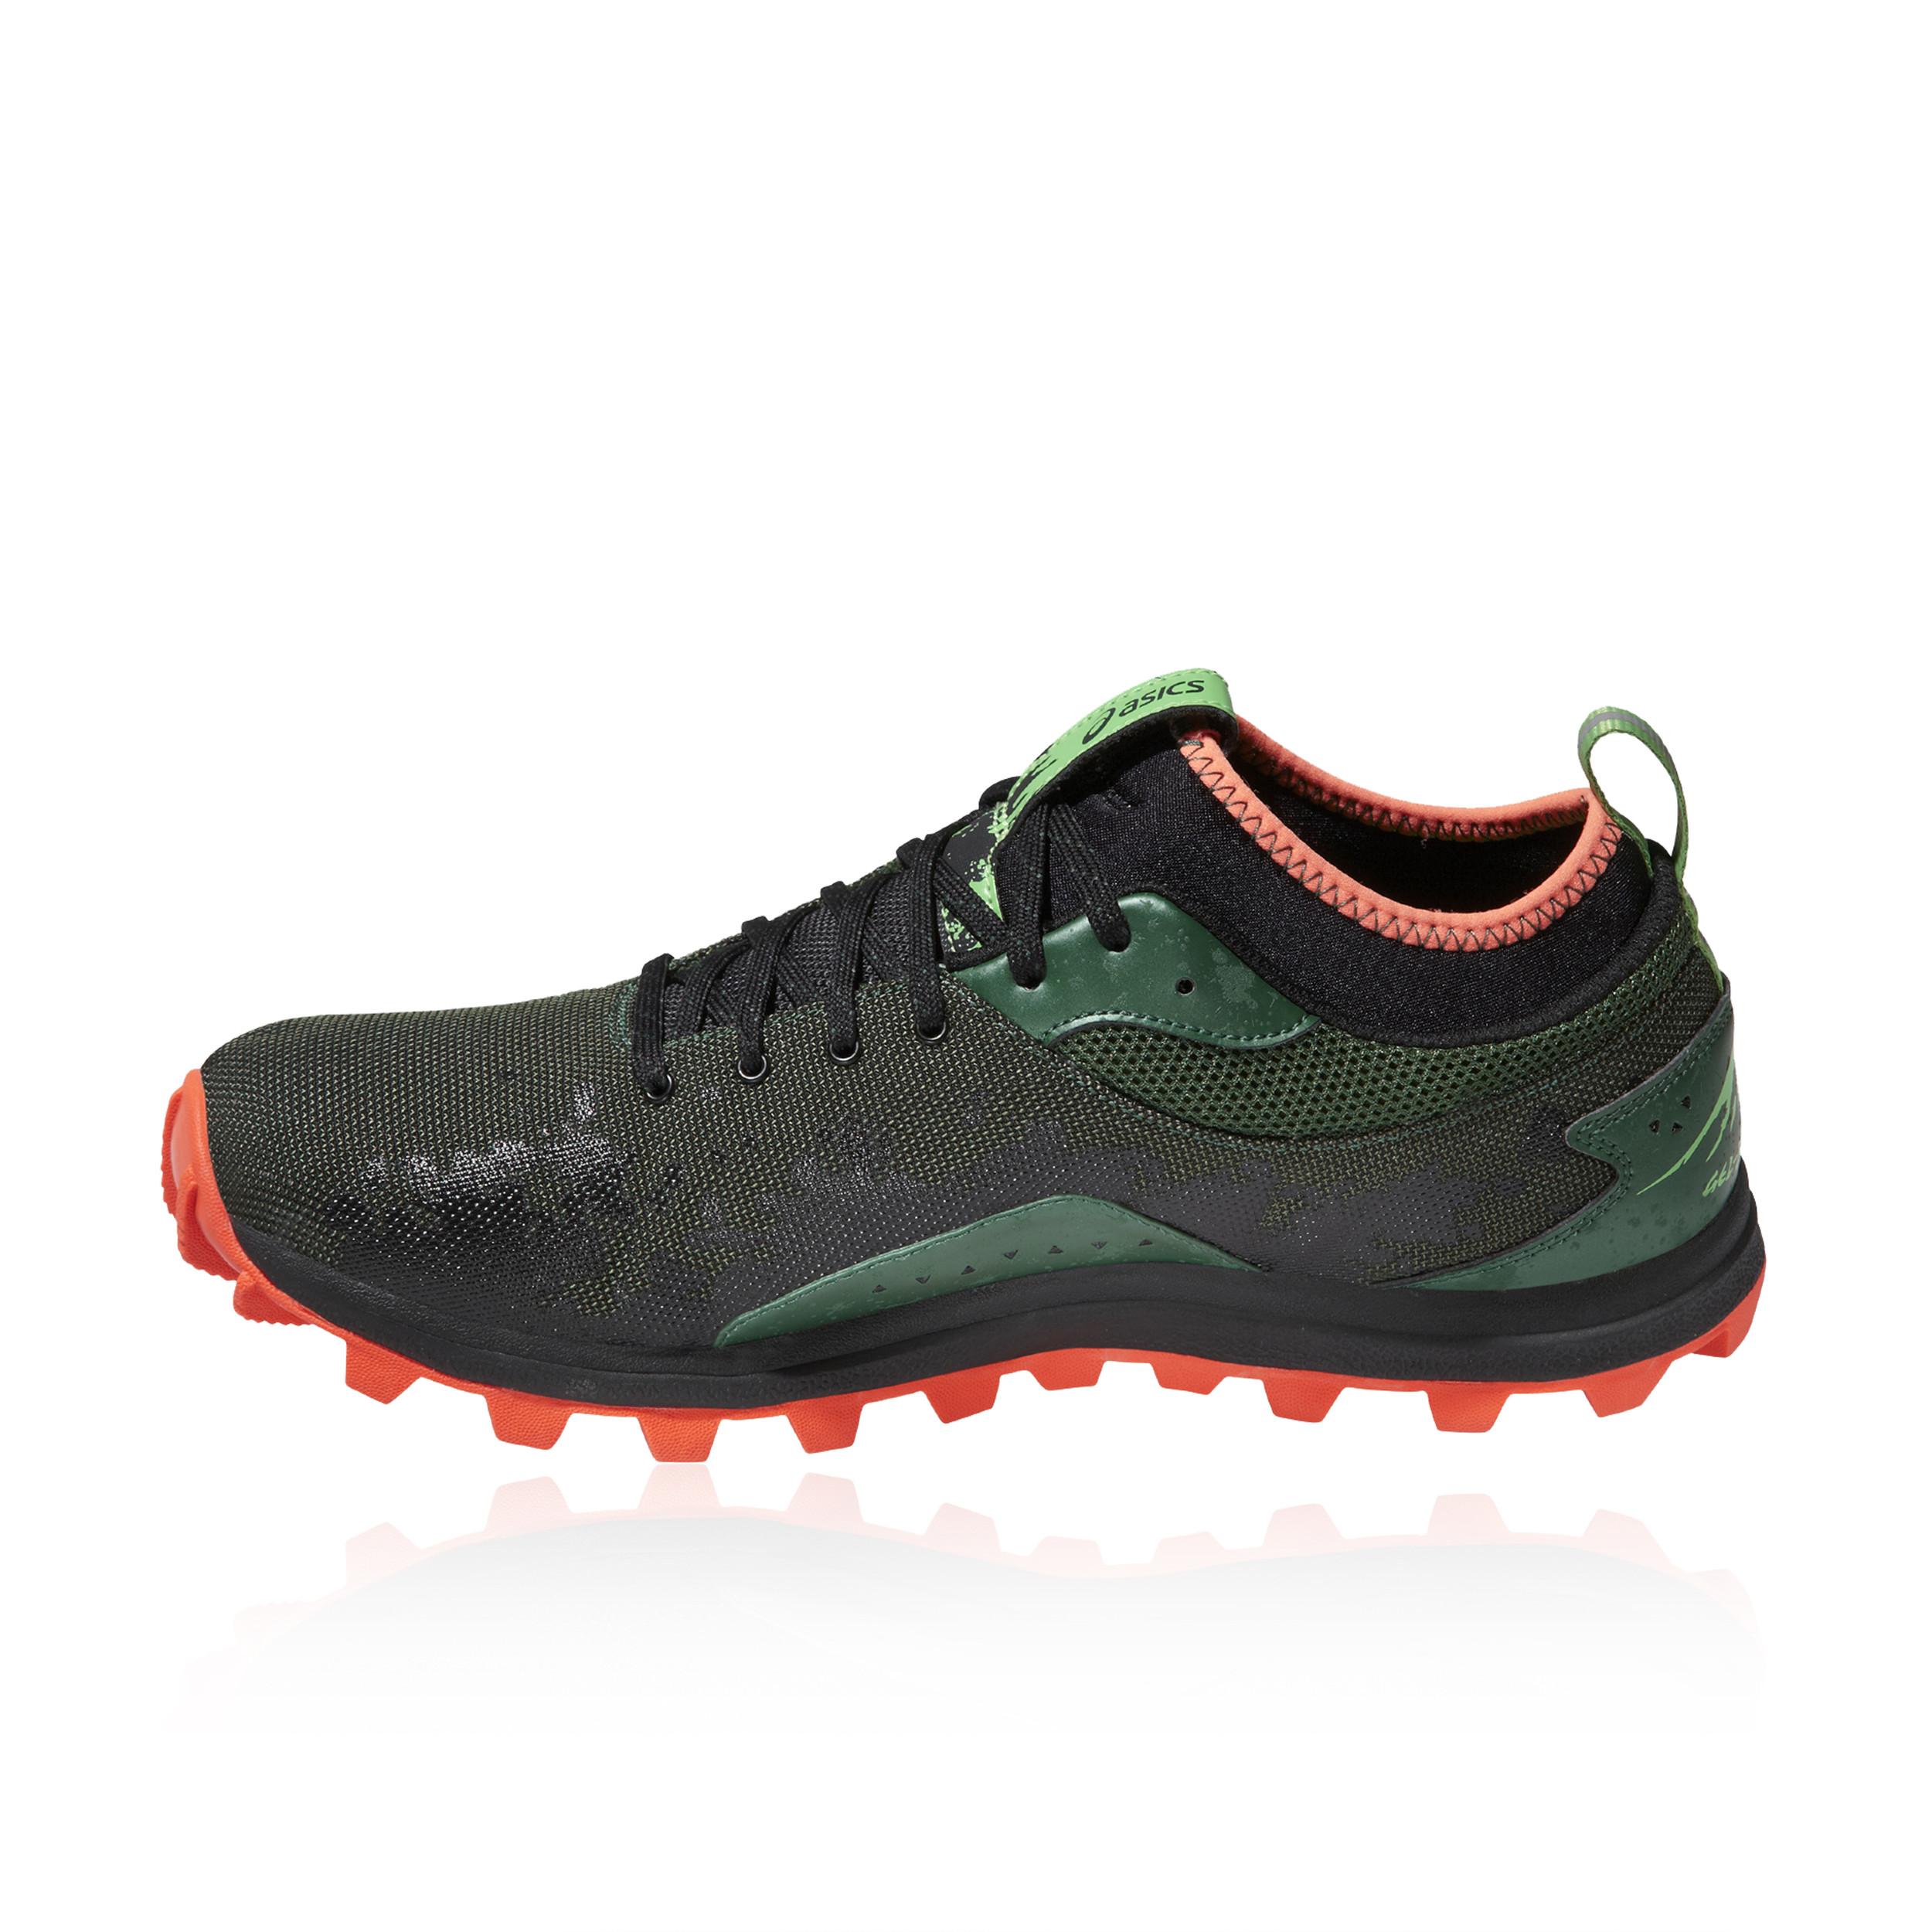 Asics Hommes Chaussures Course GEL FujiRunnegade Trail Chaussures De De Course Baskets 4d1ea0e - canadian-onlinepharmacy.website